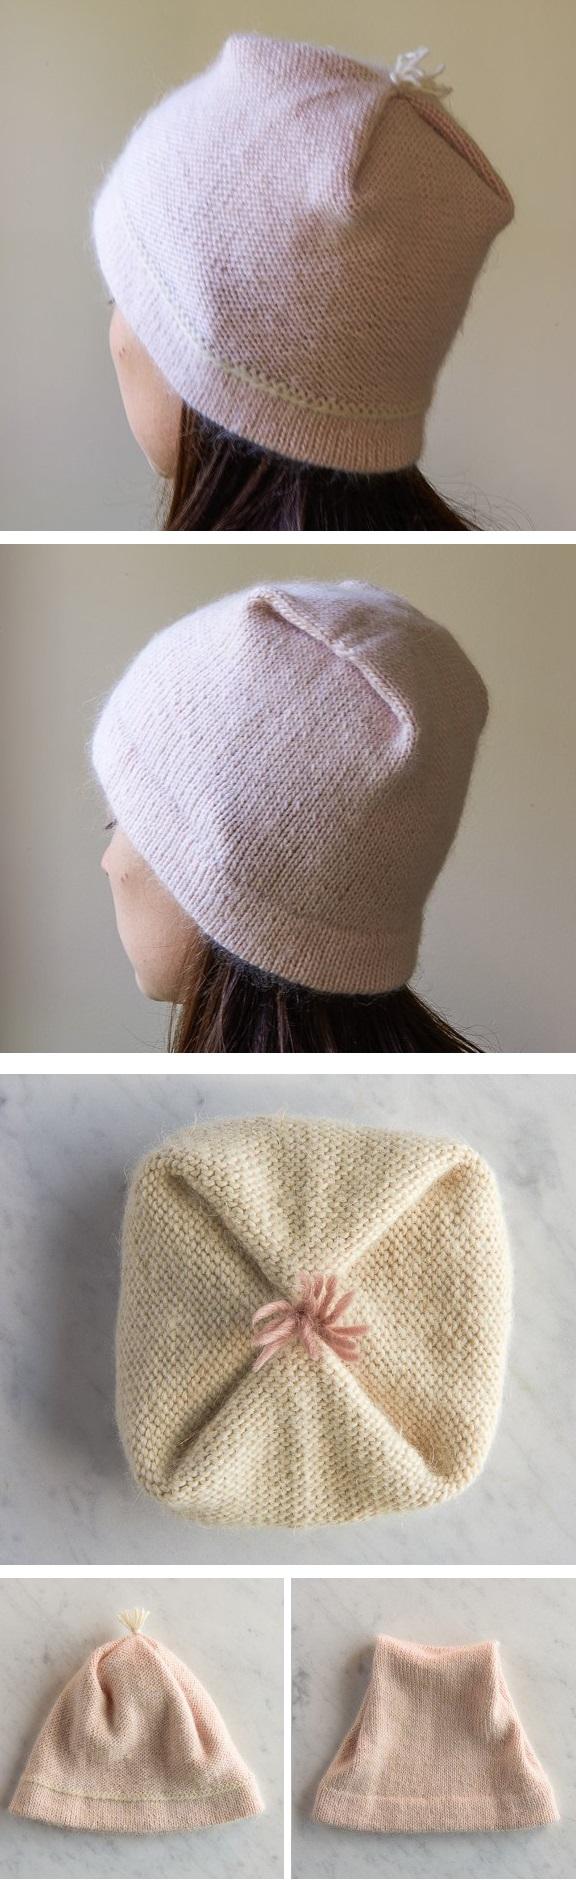 Bonnet réversible - tutoriel